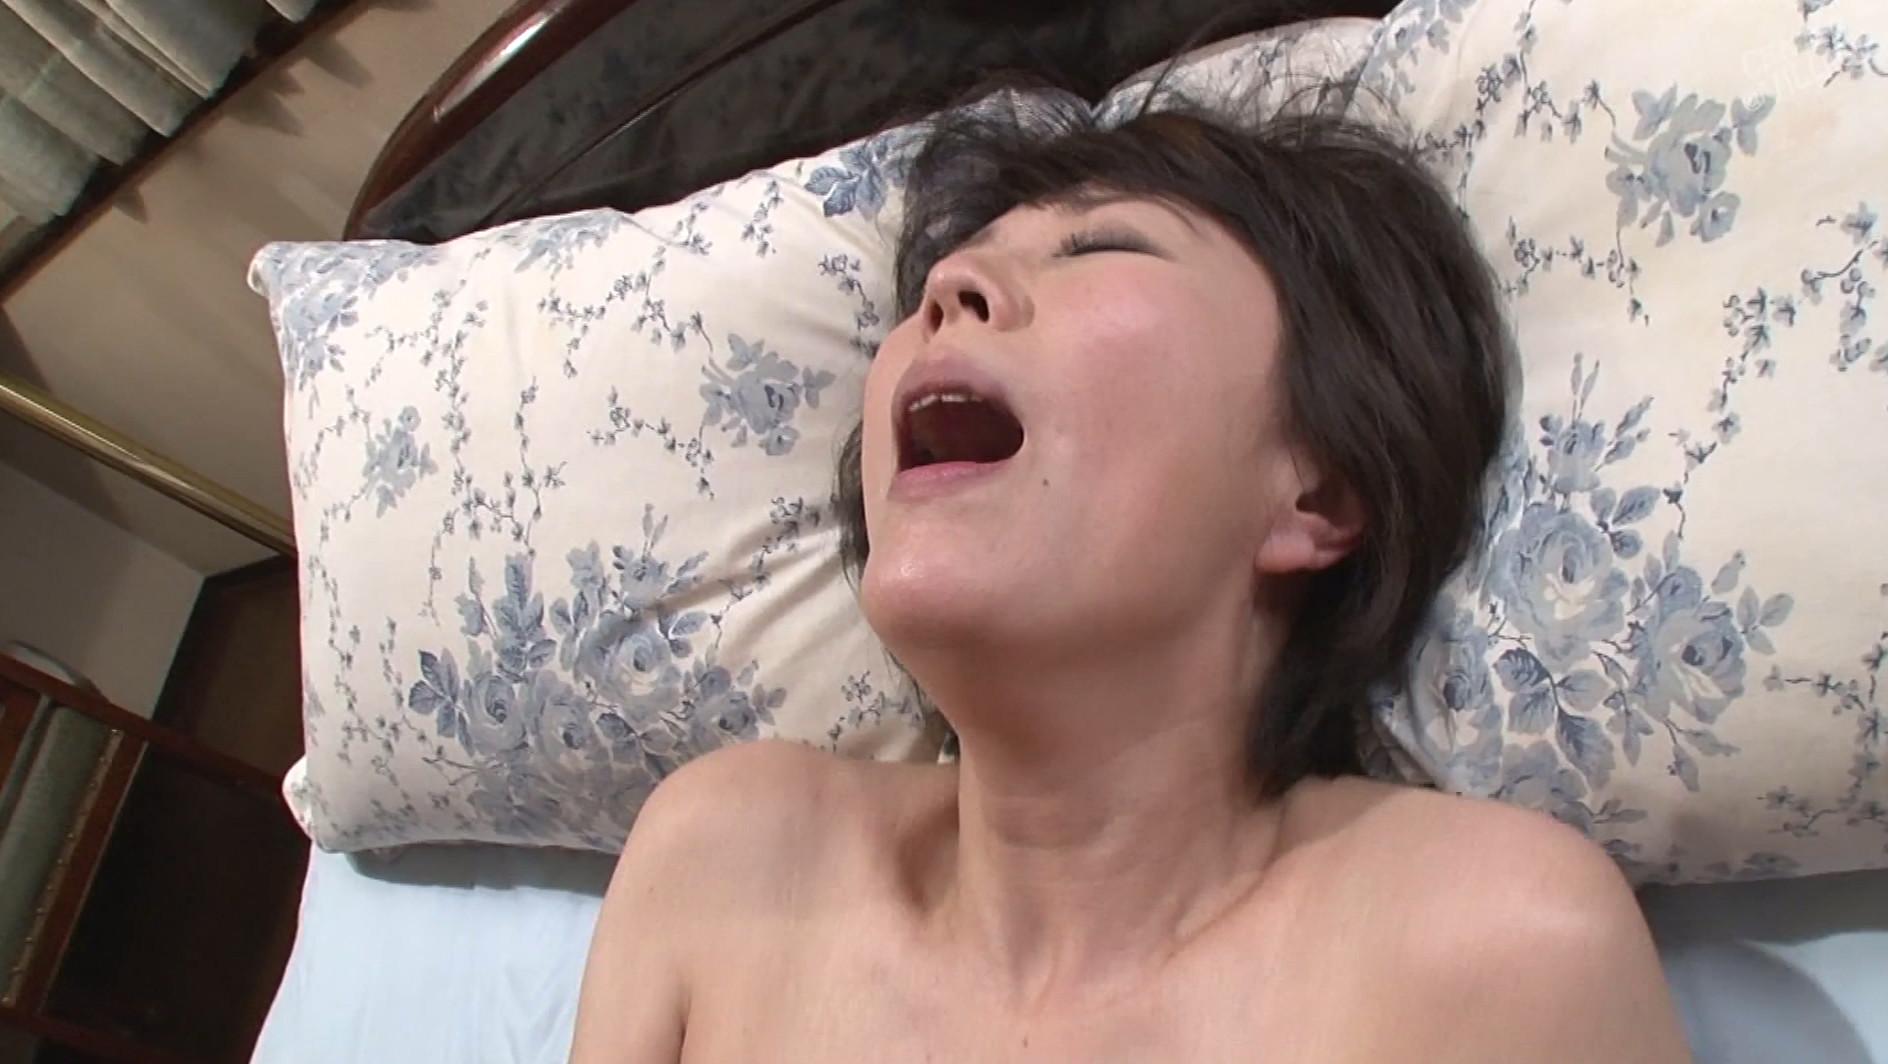 熟女AV女優で好きな人 [無断転載禁止]©bbspink.comxvideo>1本 ->画像>193枚